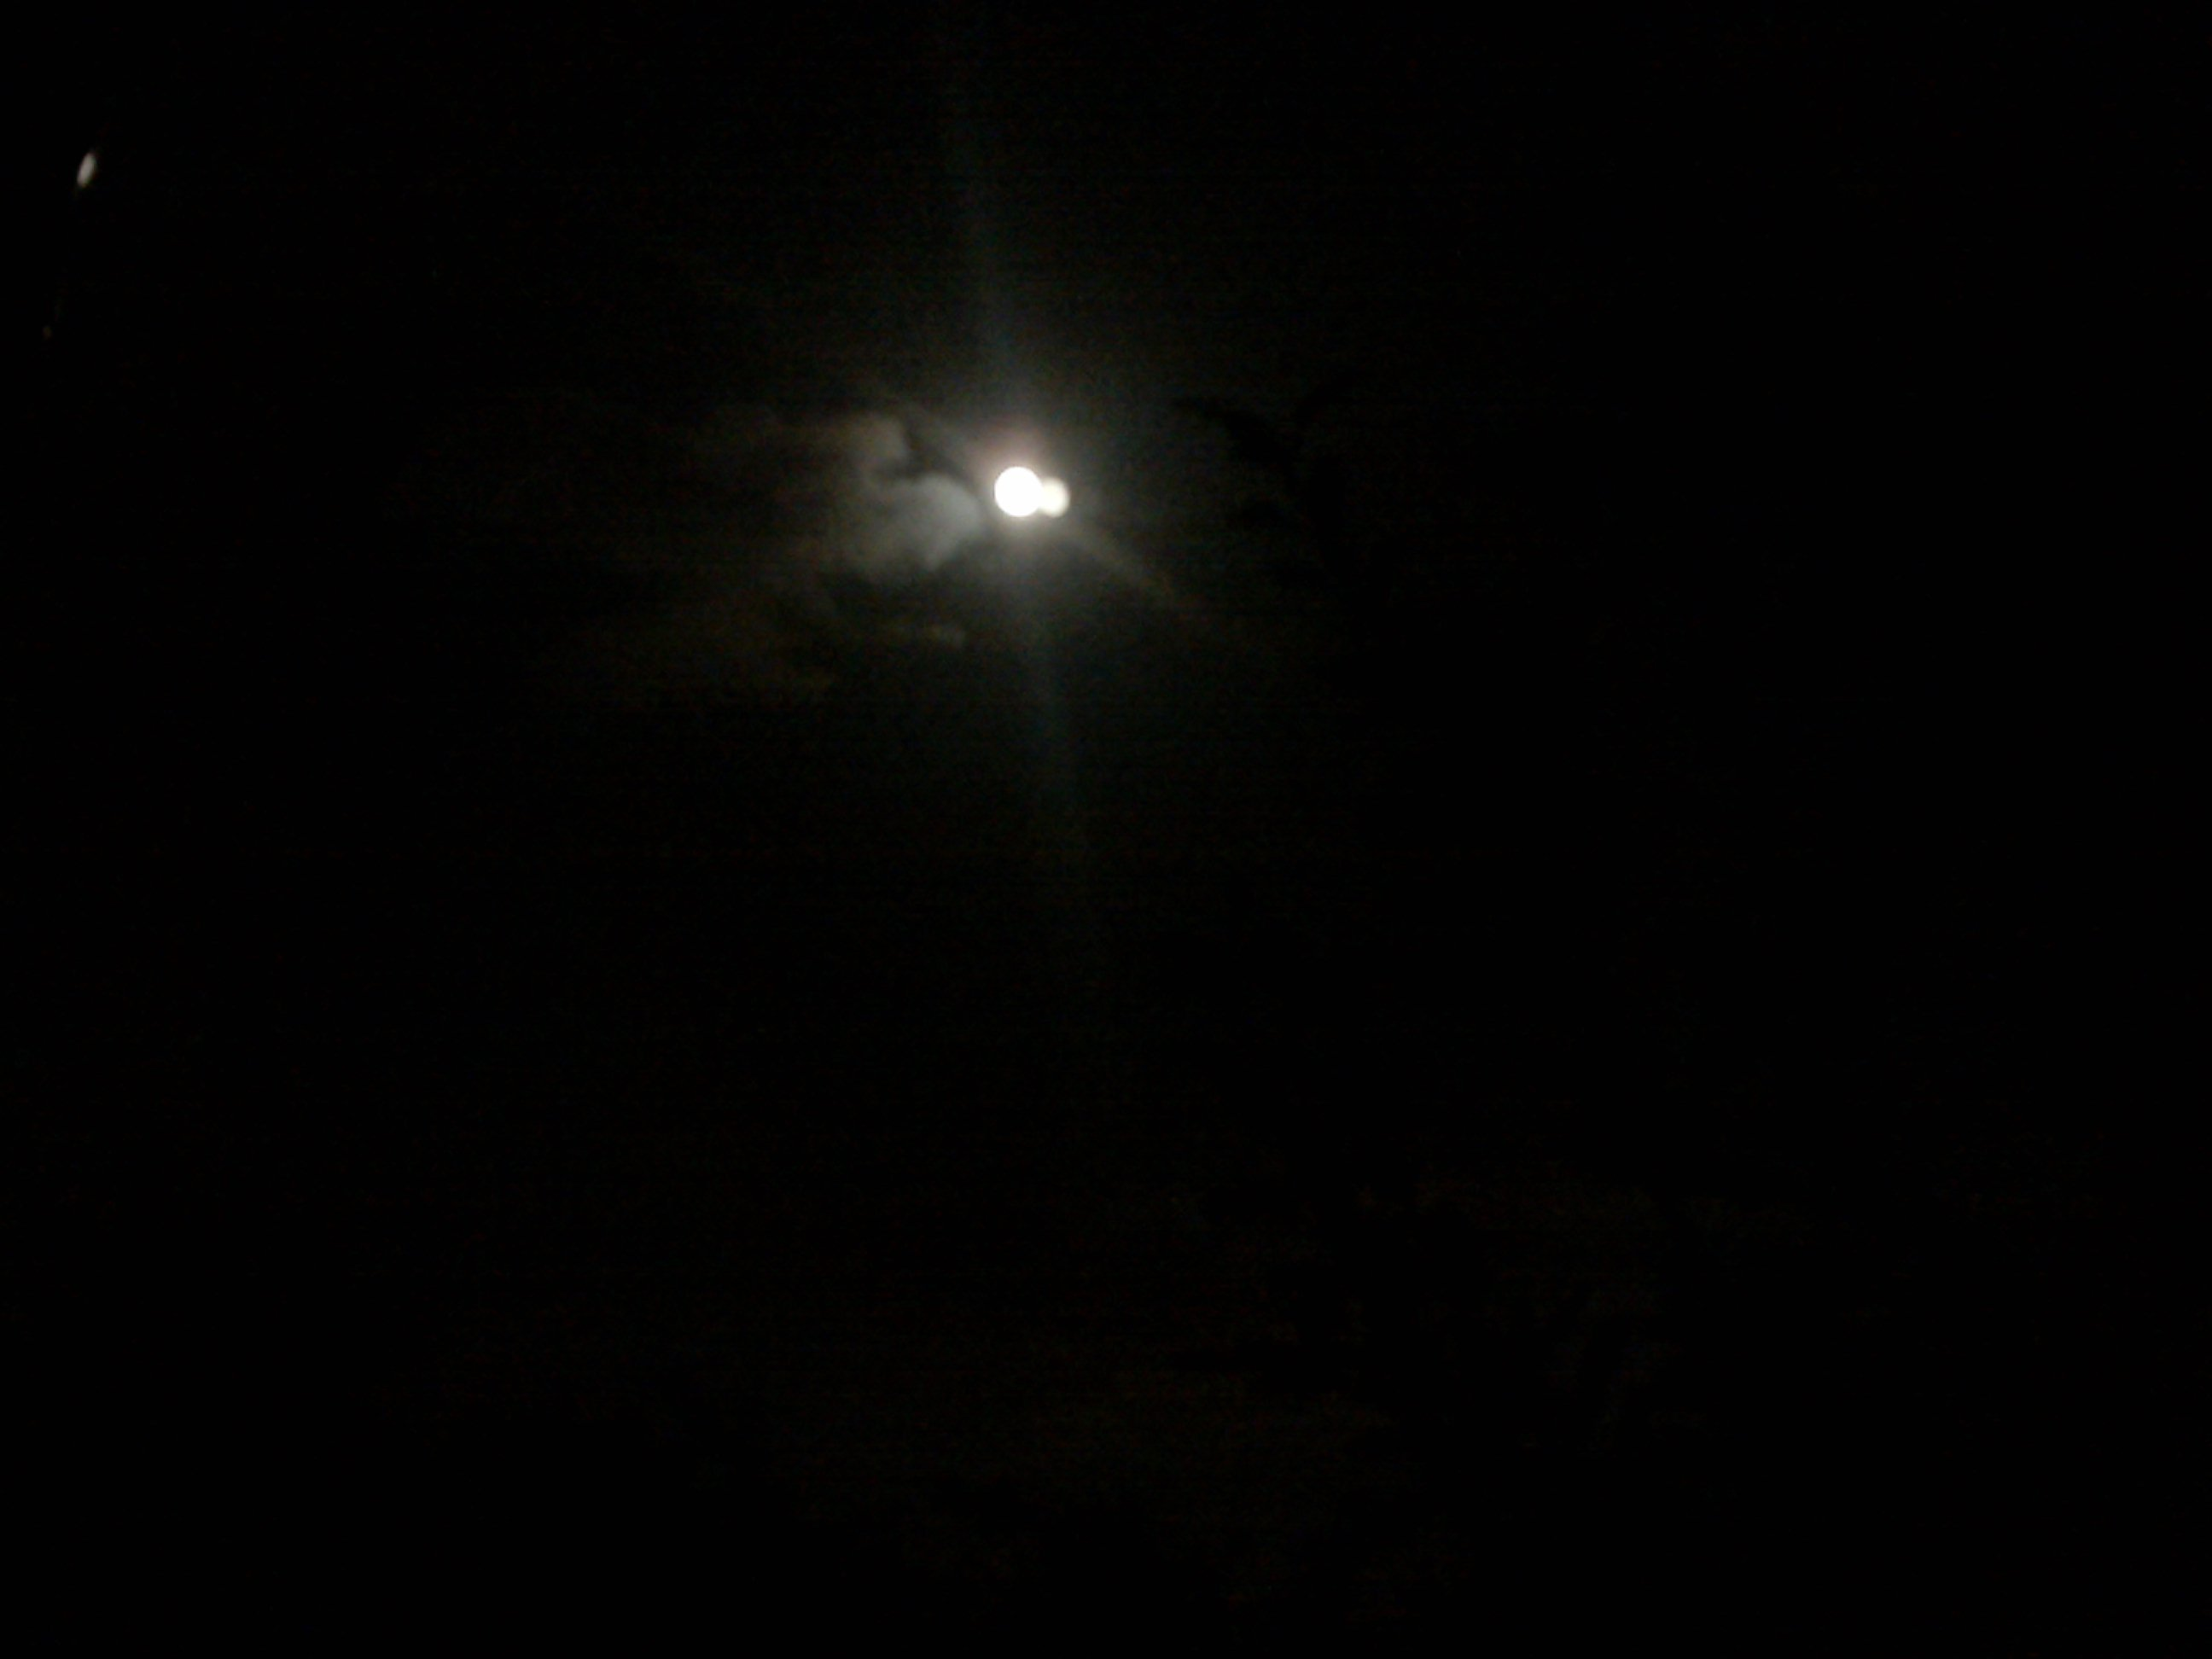 2009: Le 05/09 vers 22h00 - Sphere Lumineuse à Goussainville dans le val d'Oise.  58400504092009019